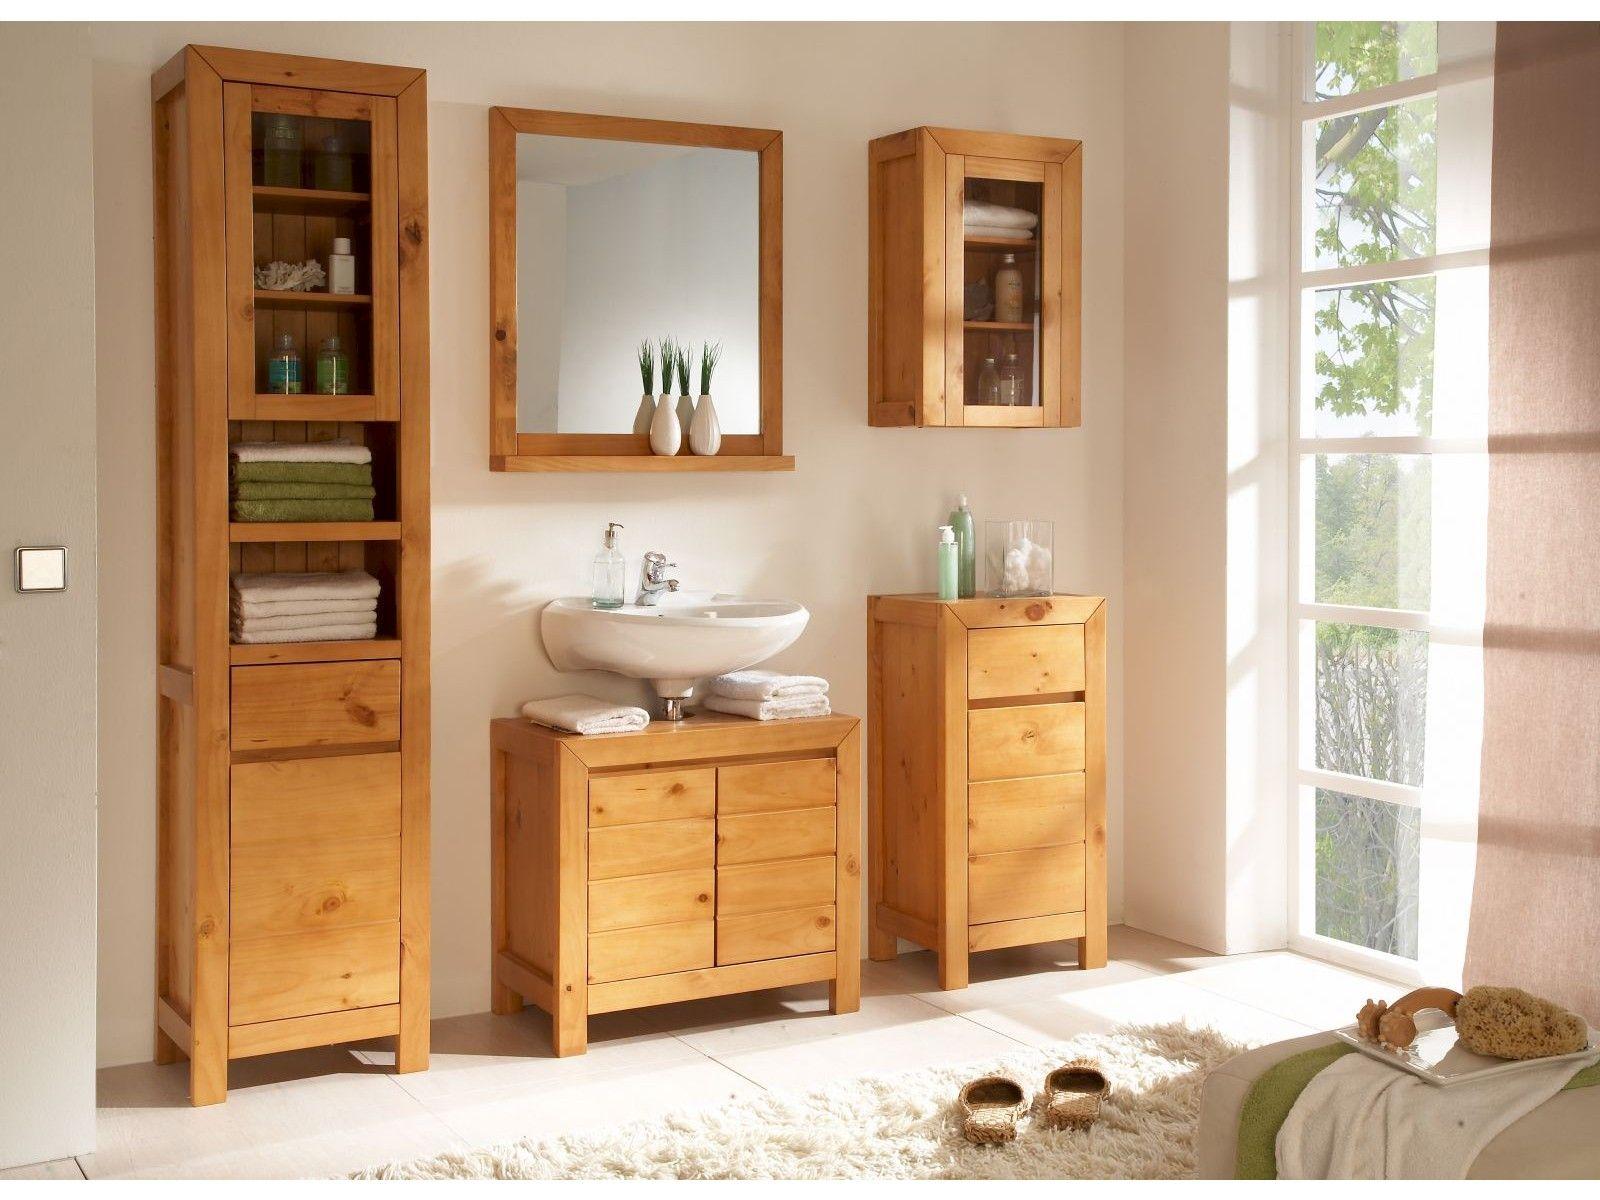 Badezimmermöbel Massivholz ~ Badezimmermöbel holzoptik gispatcher